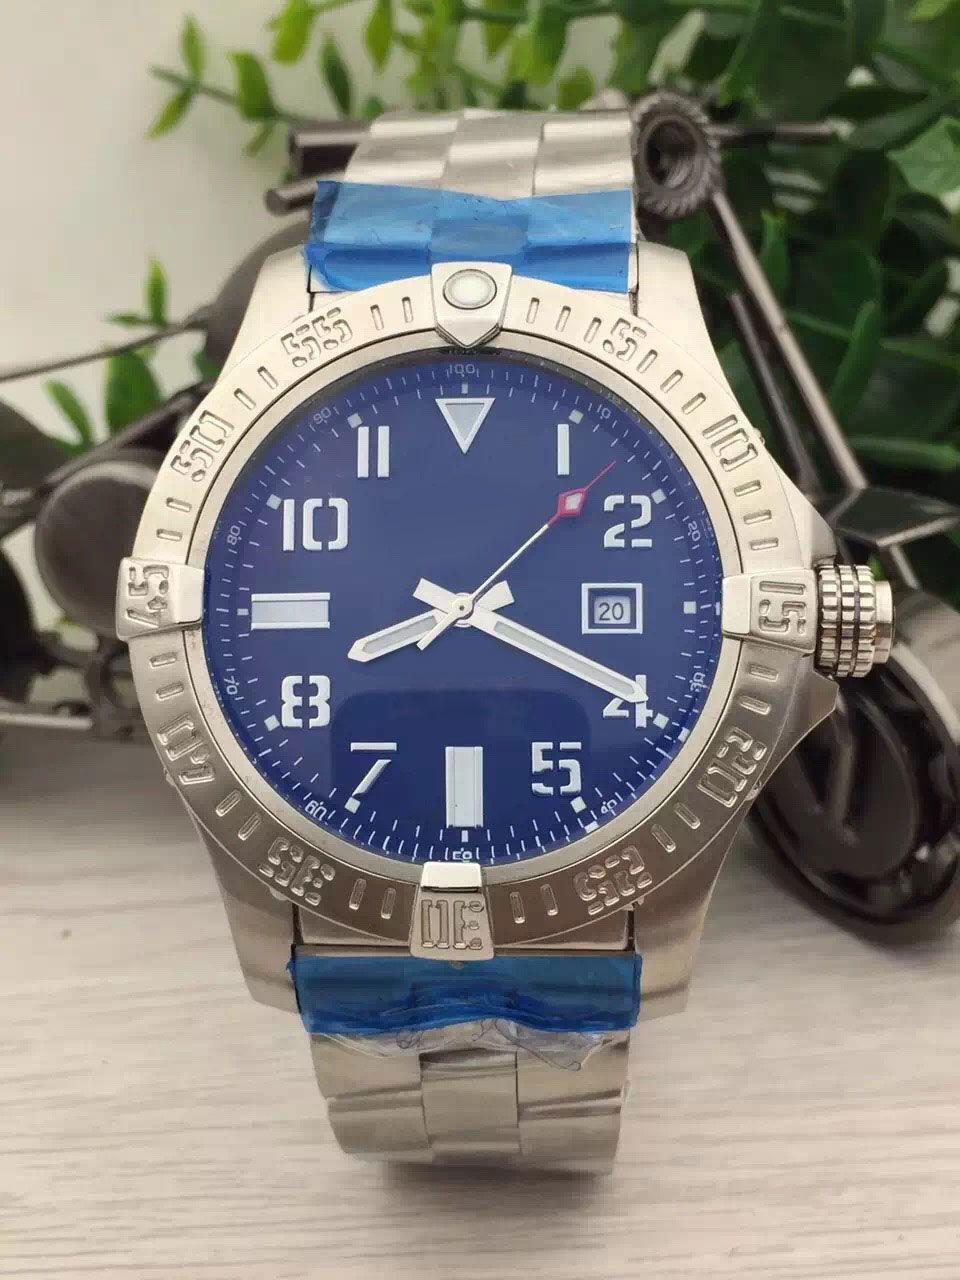 핫 스토어 판매 새로운 시계 남자 블랙 다이얼 스테인레스 밴드 시계 콜트 자동 시계 망 드레스 시계